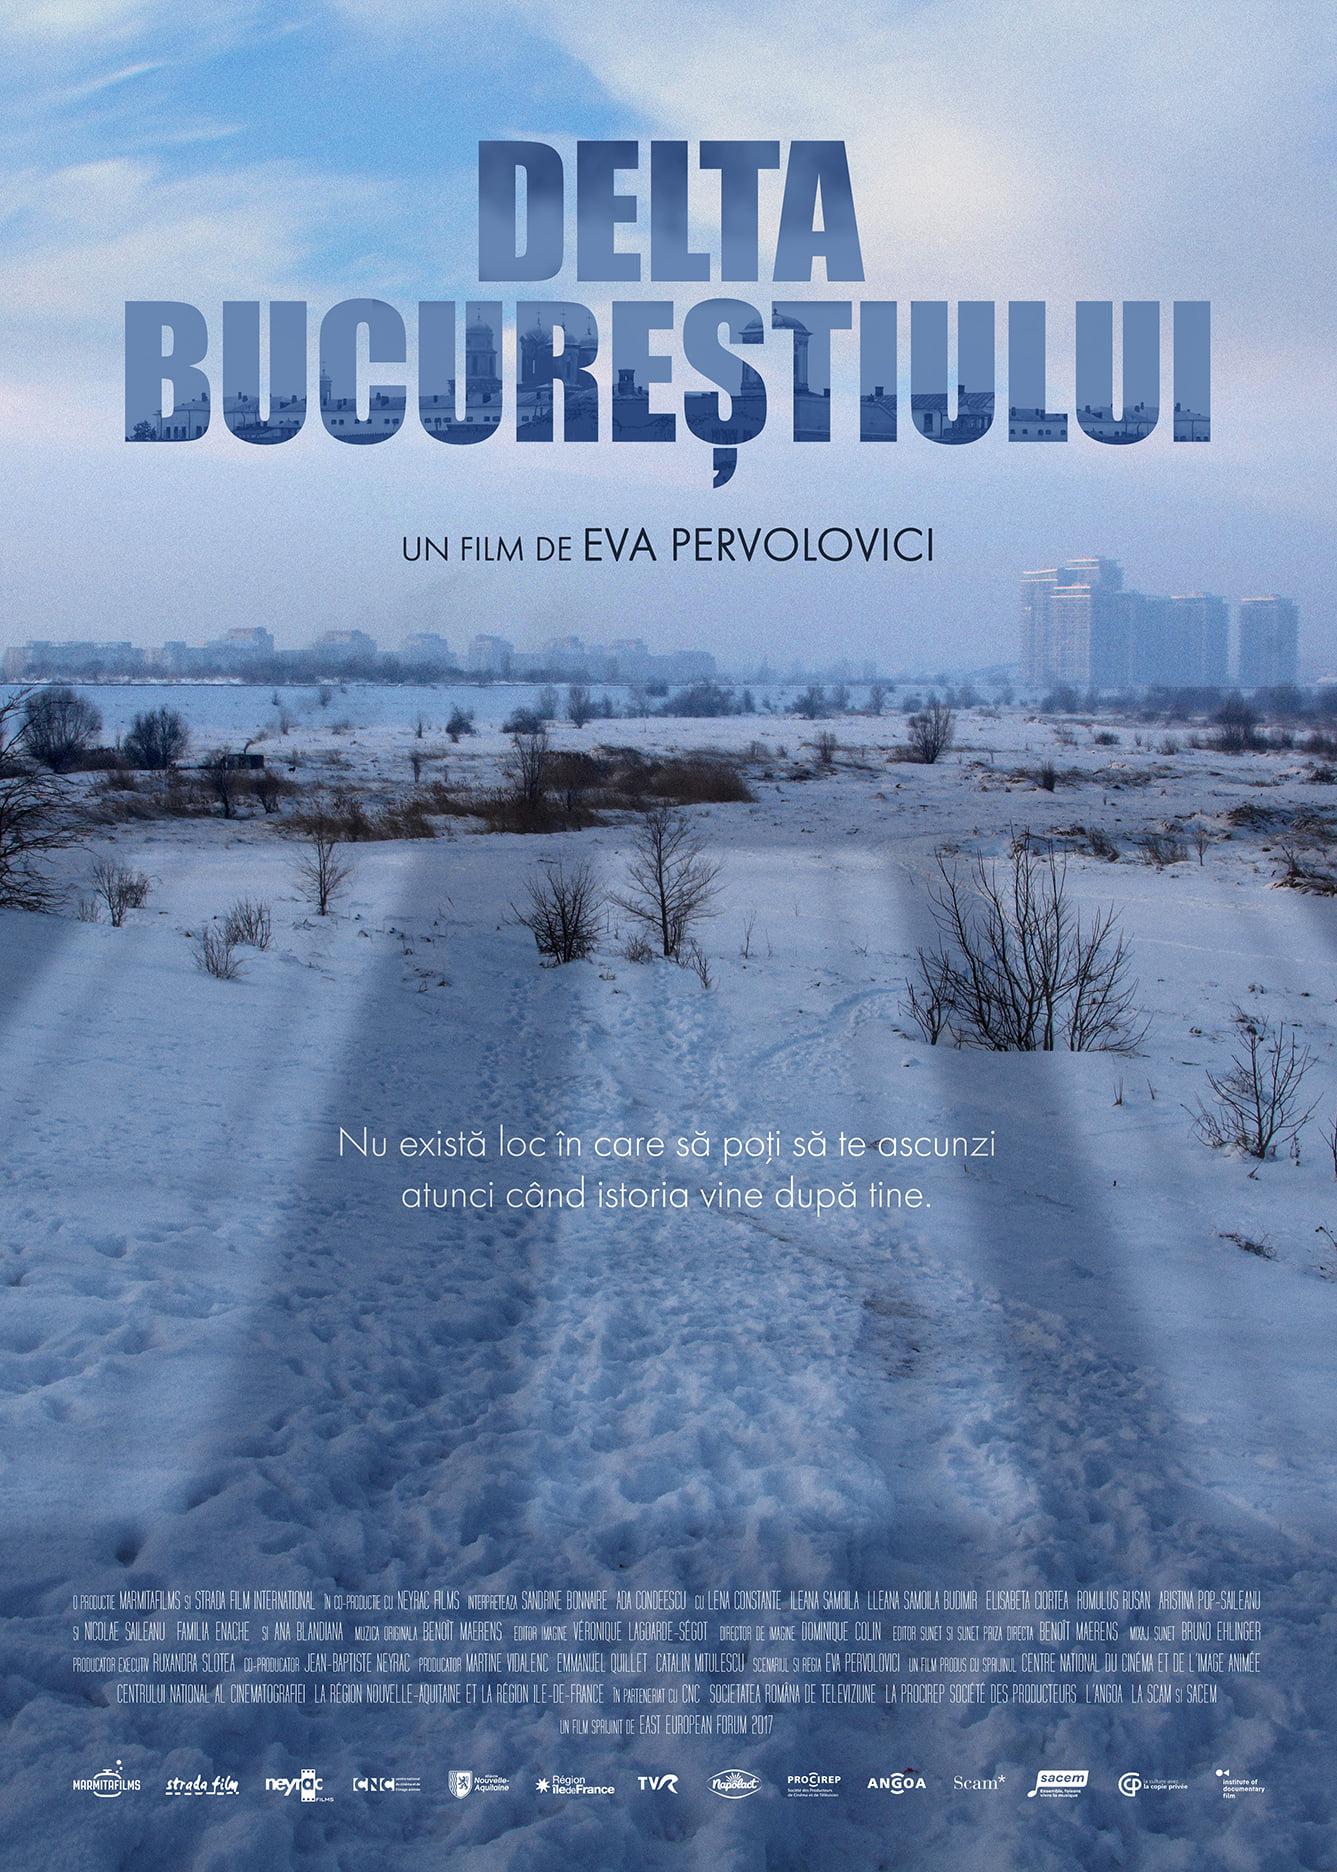 Delta București (2020) - Photo